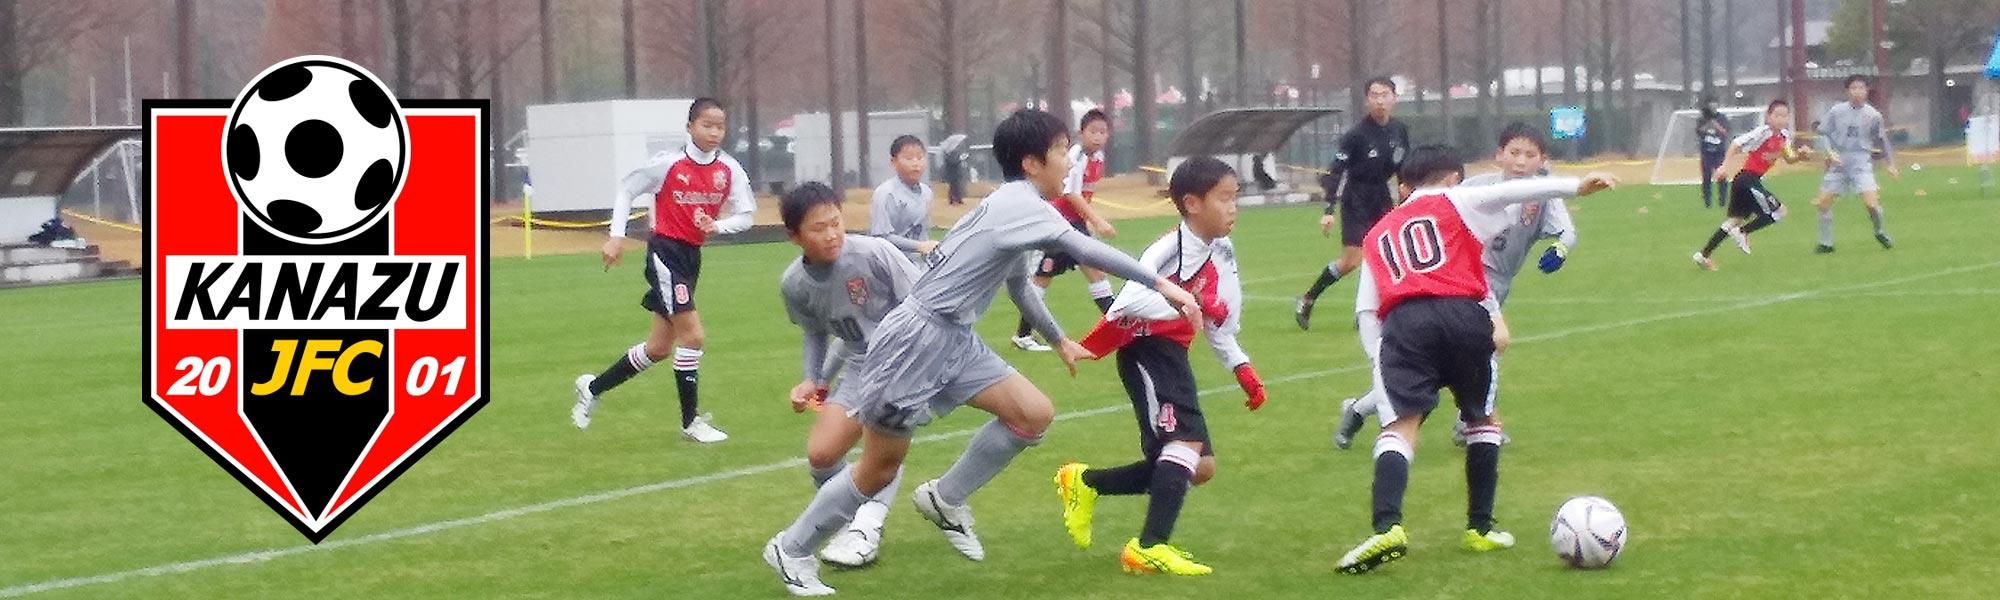 金津JFCは福井県あわら市の小学生サッカーチーム